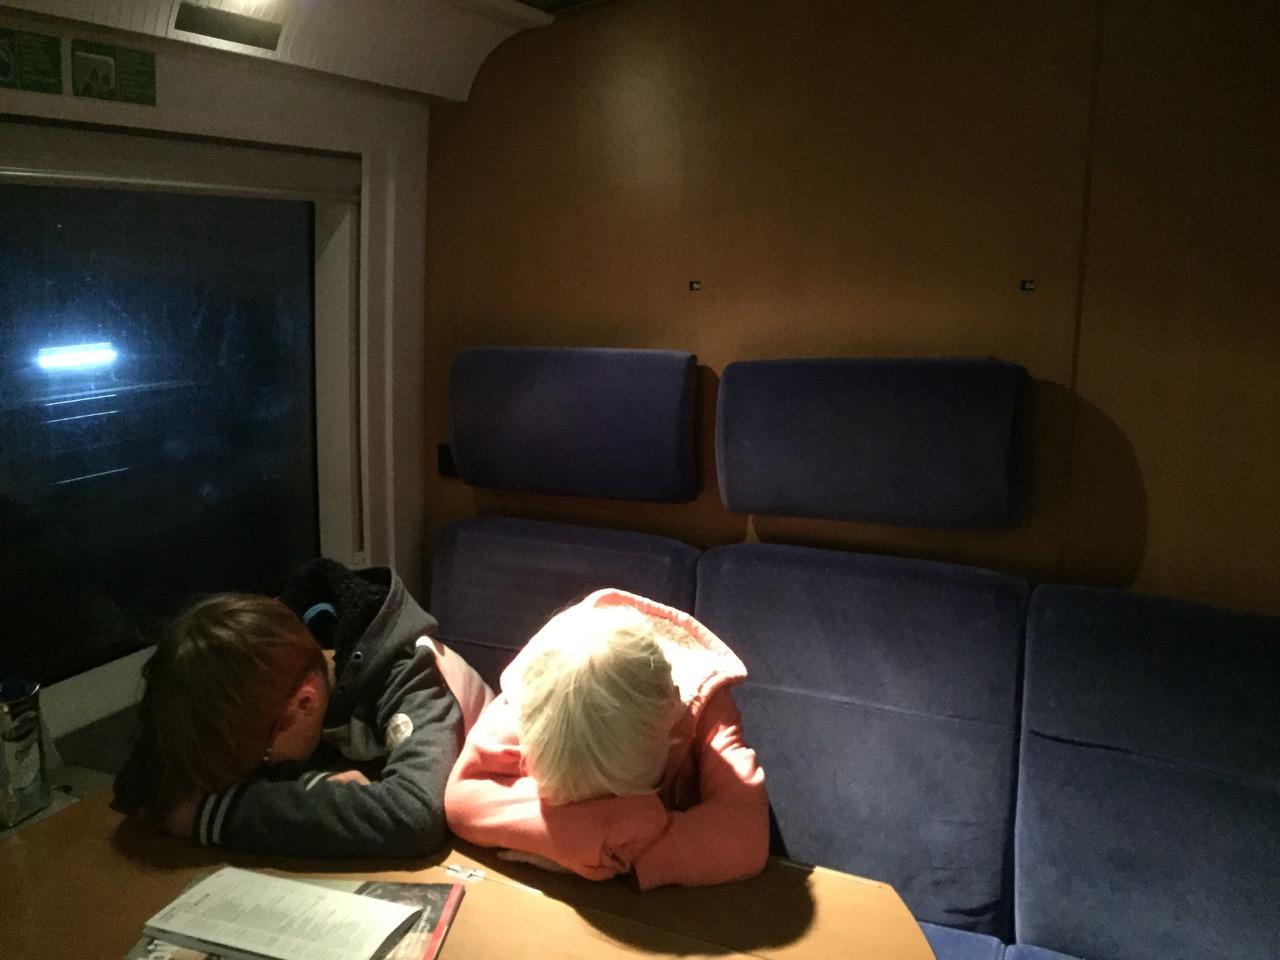 Familienreise mit der Deutschen Bahn MamaDenkt 02